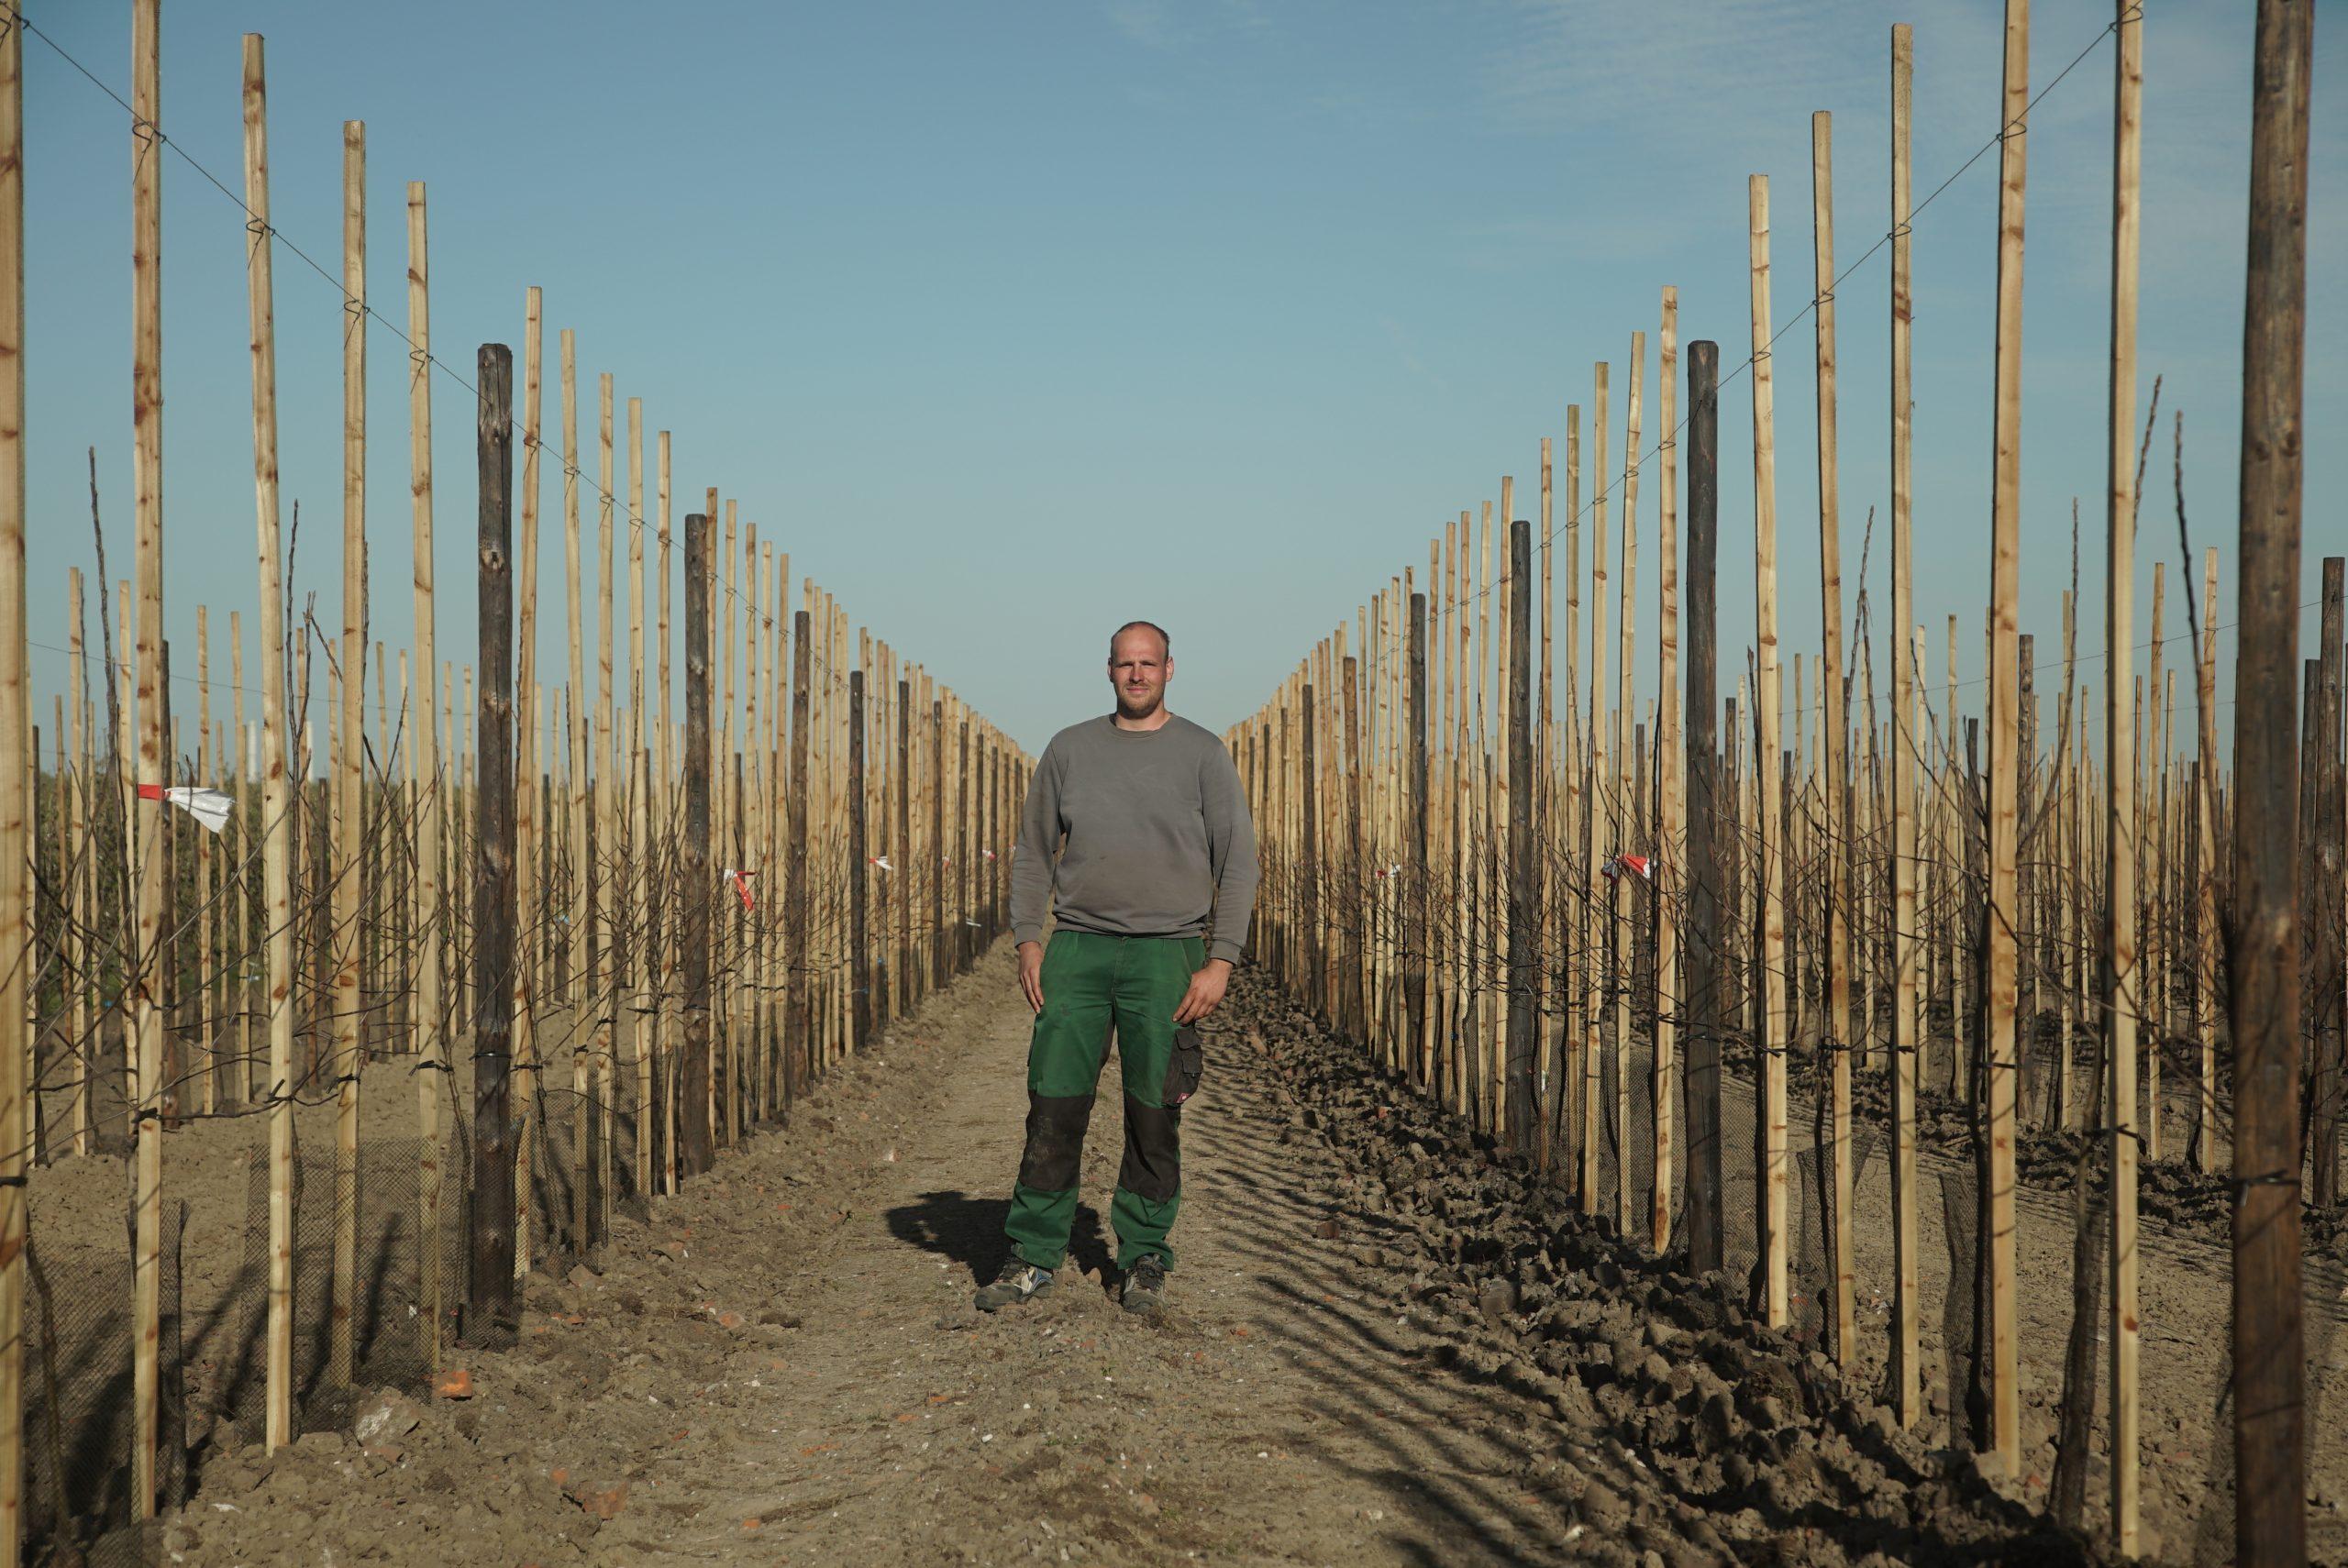 Jan Henrik Börger auf der neuen Apfelplantage in Mittelnkirchen